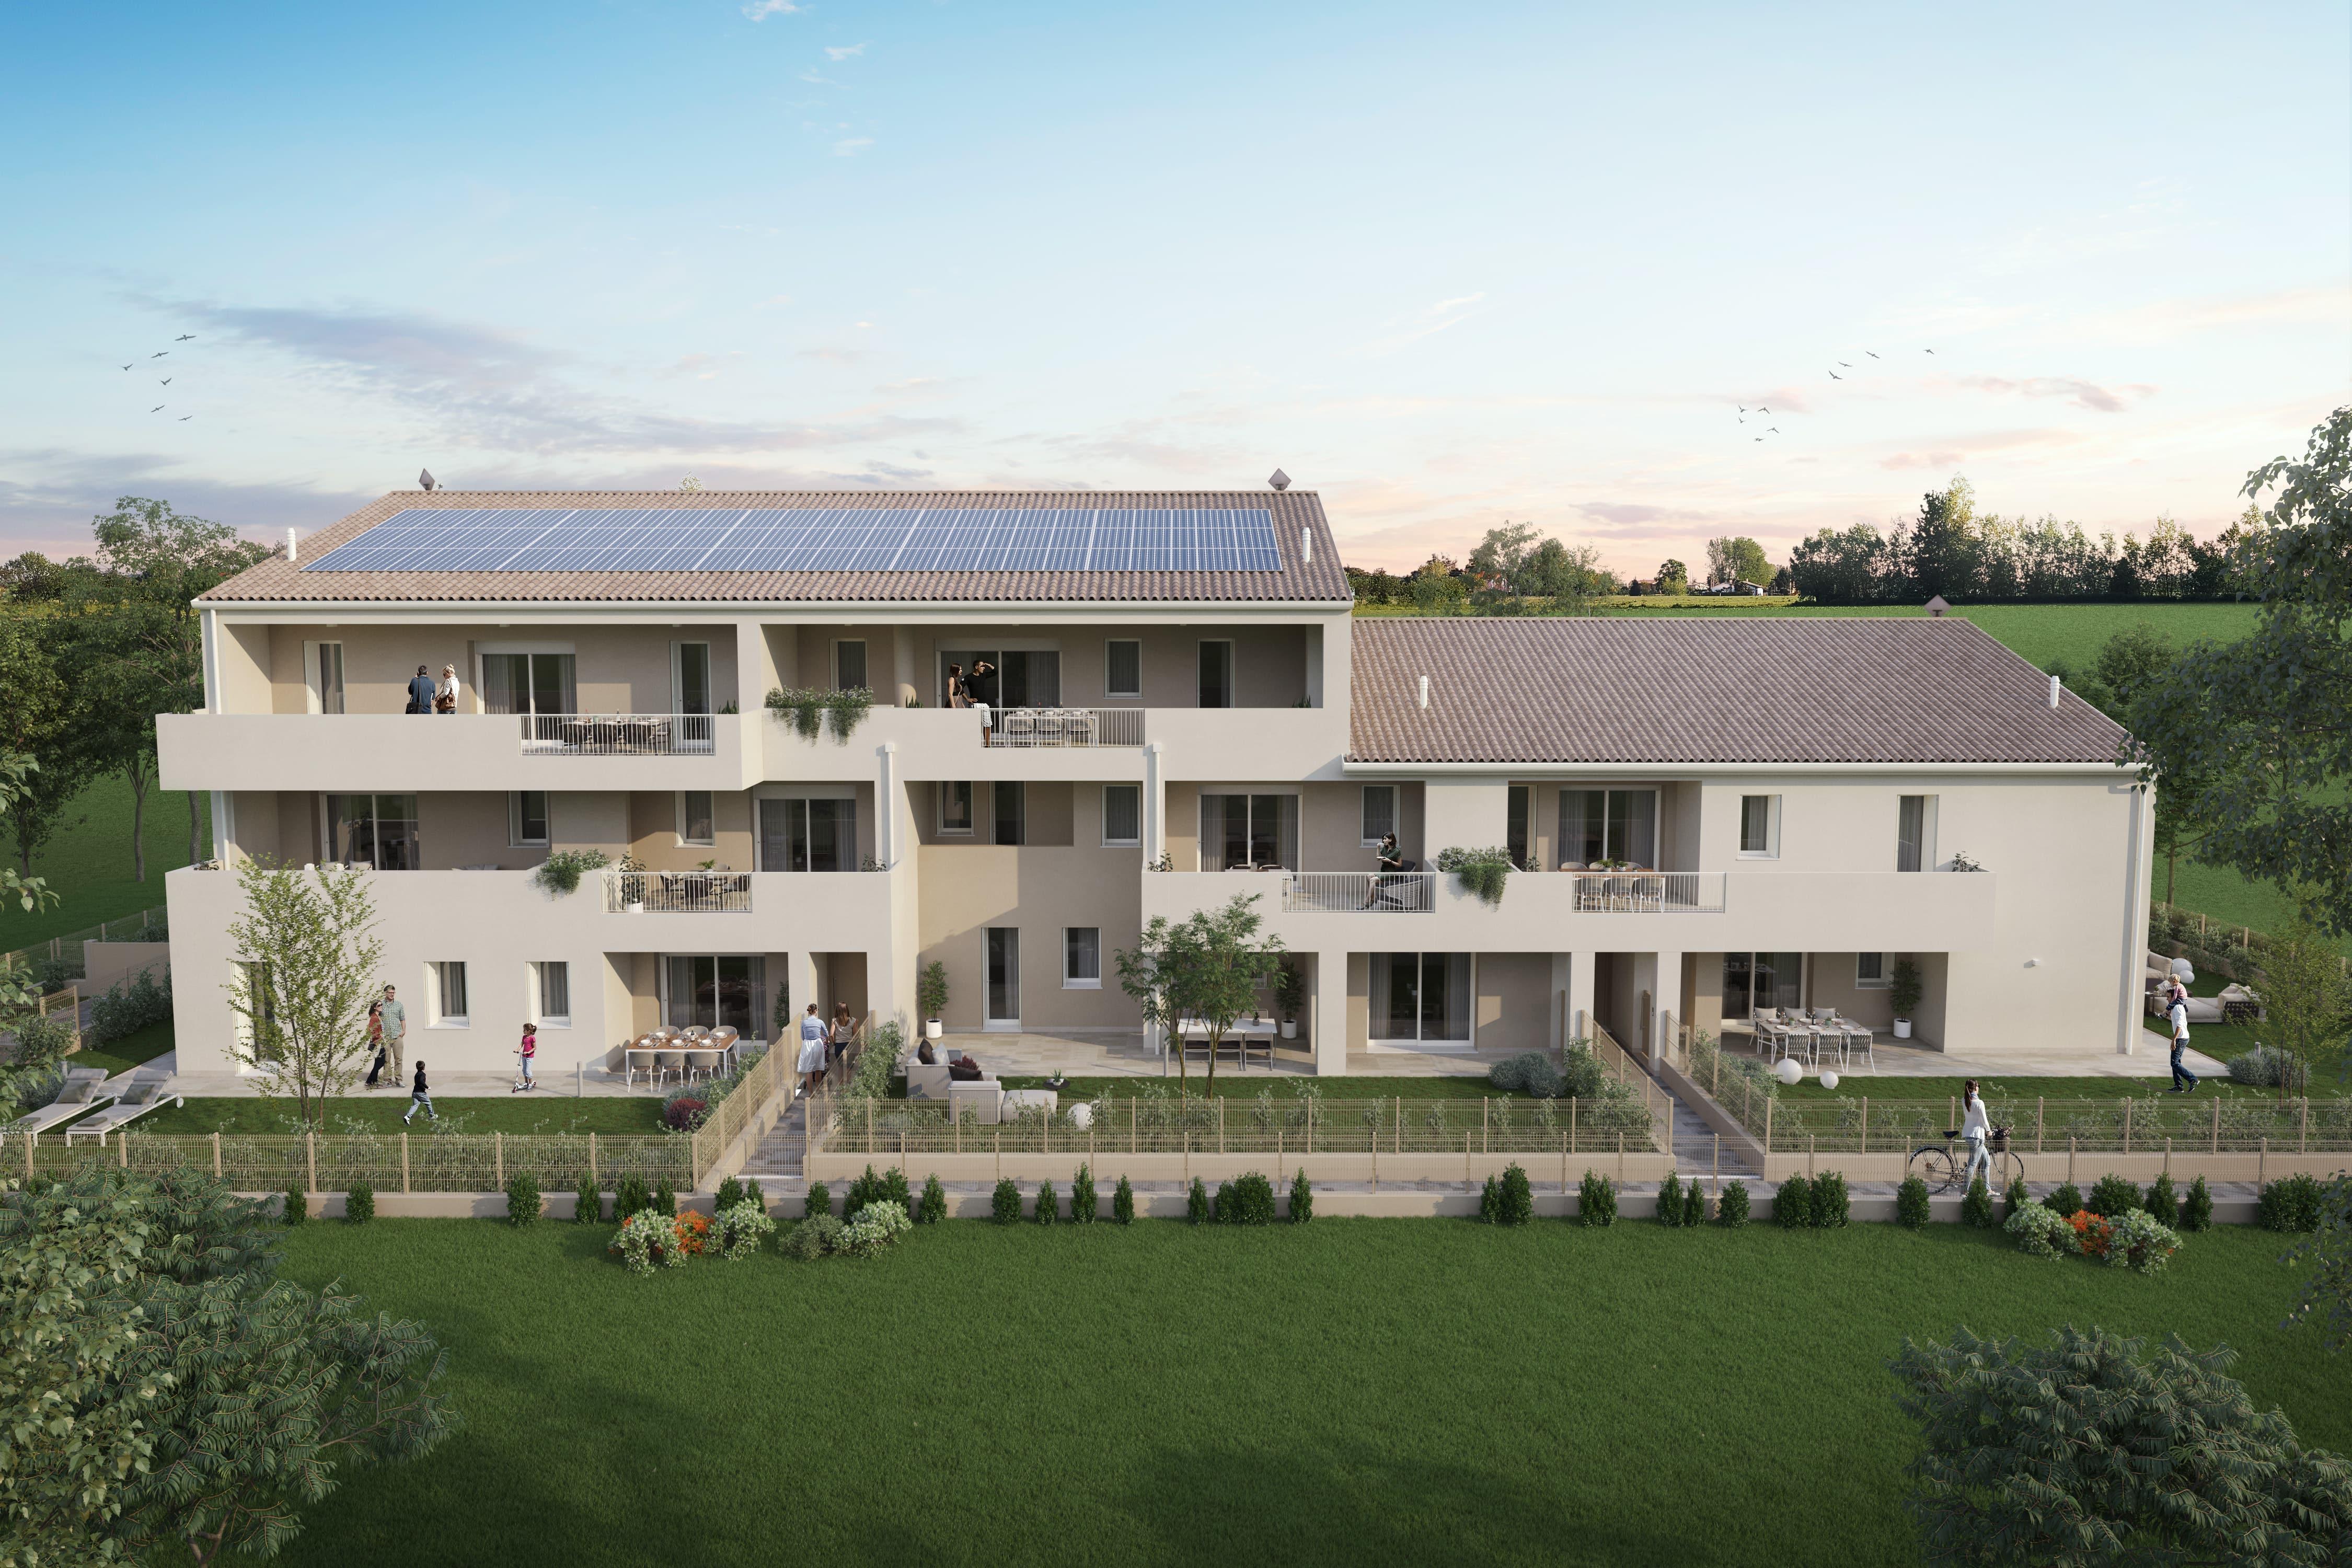 Appartamento due camere con giardino – Salzano via Marconi